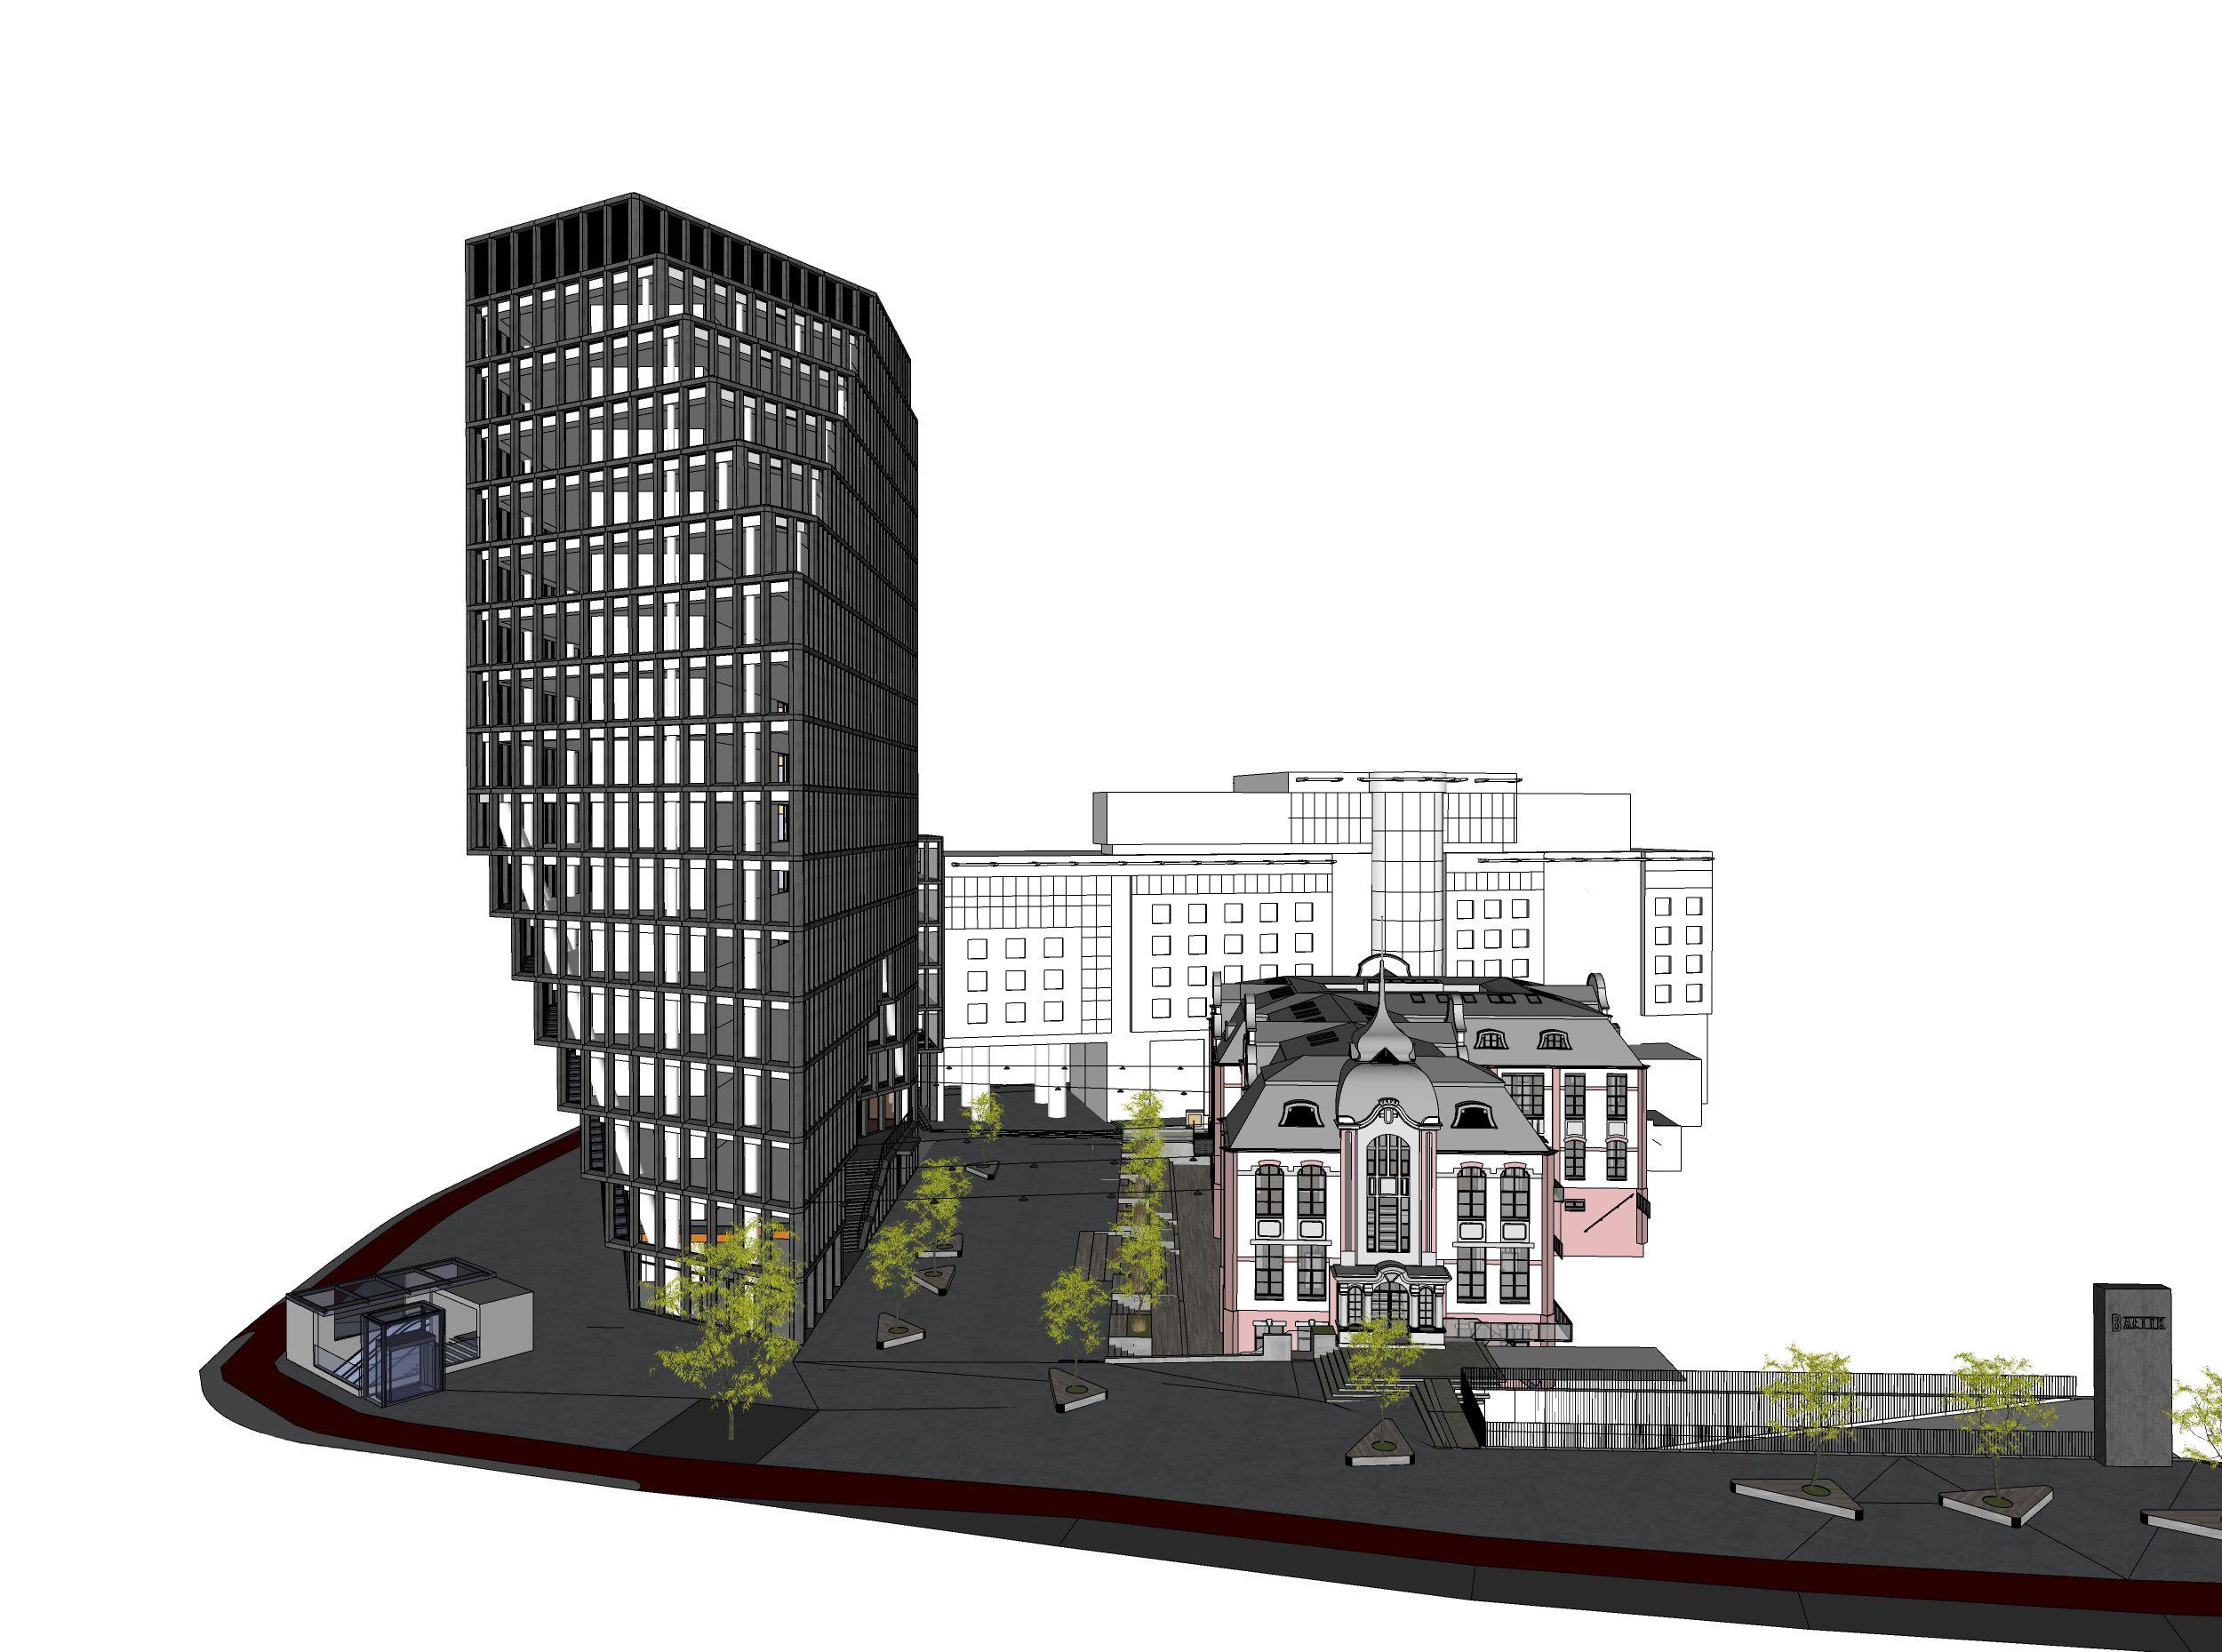 """Bałtyk z placem """"Przystań"""" oraz budynkiem Concordia Design. (źródło: Natkaniec Olechnicki Architekci, MVRDV)"""